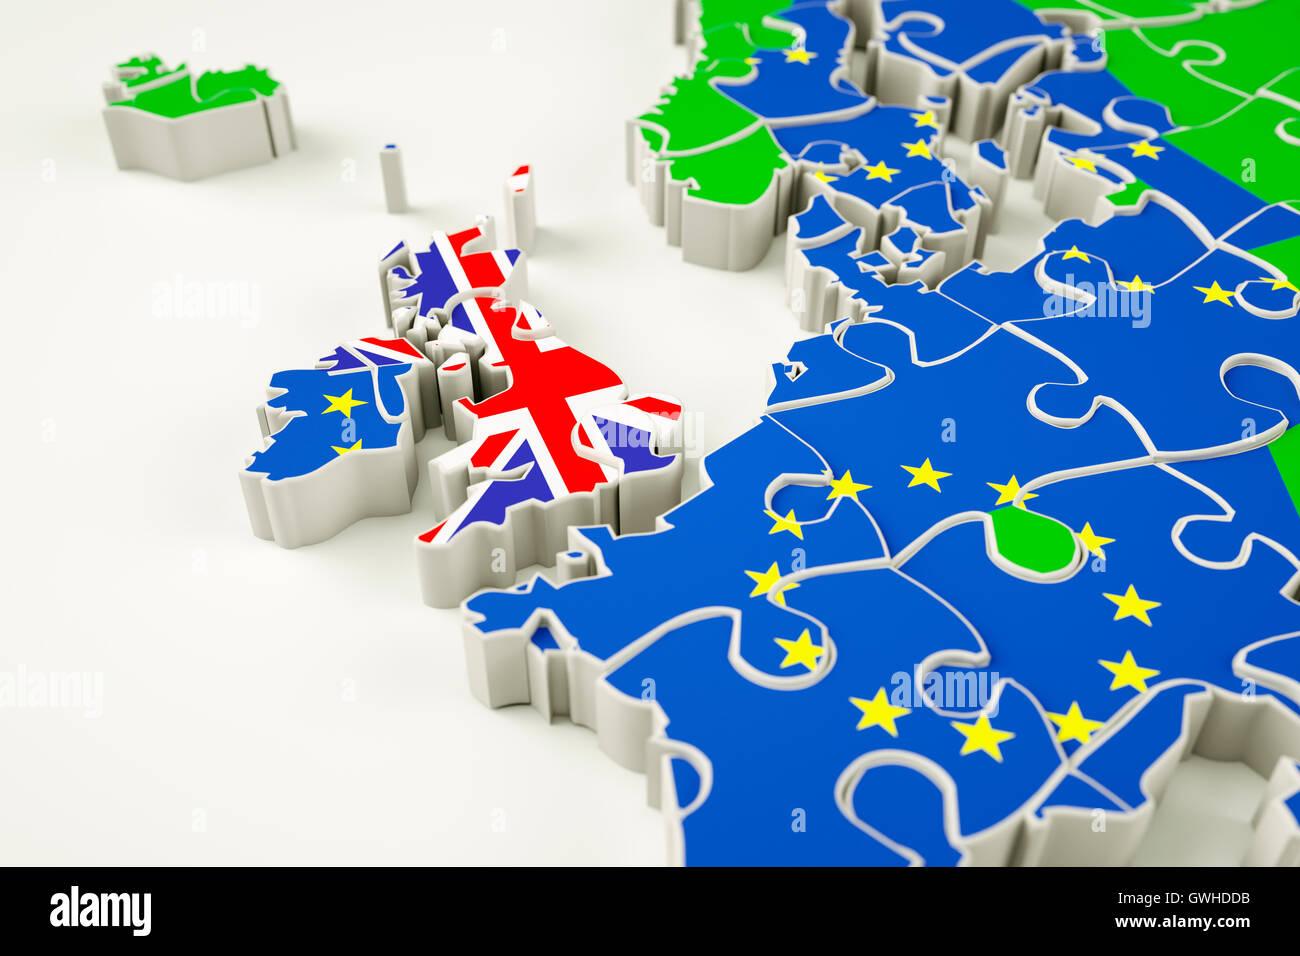 Concetto Brexit puzzle - che rappresentano Brexit, l'uscita del Regno Unito, il referendum sull'UNIONE EUROPEA, Immagini Stock